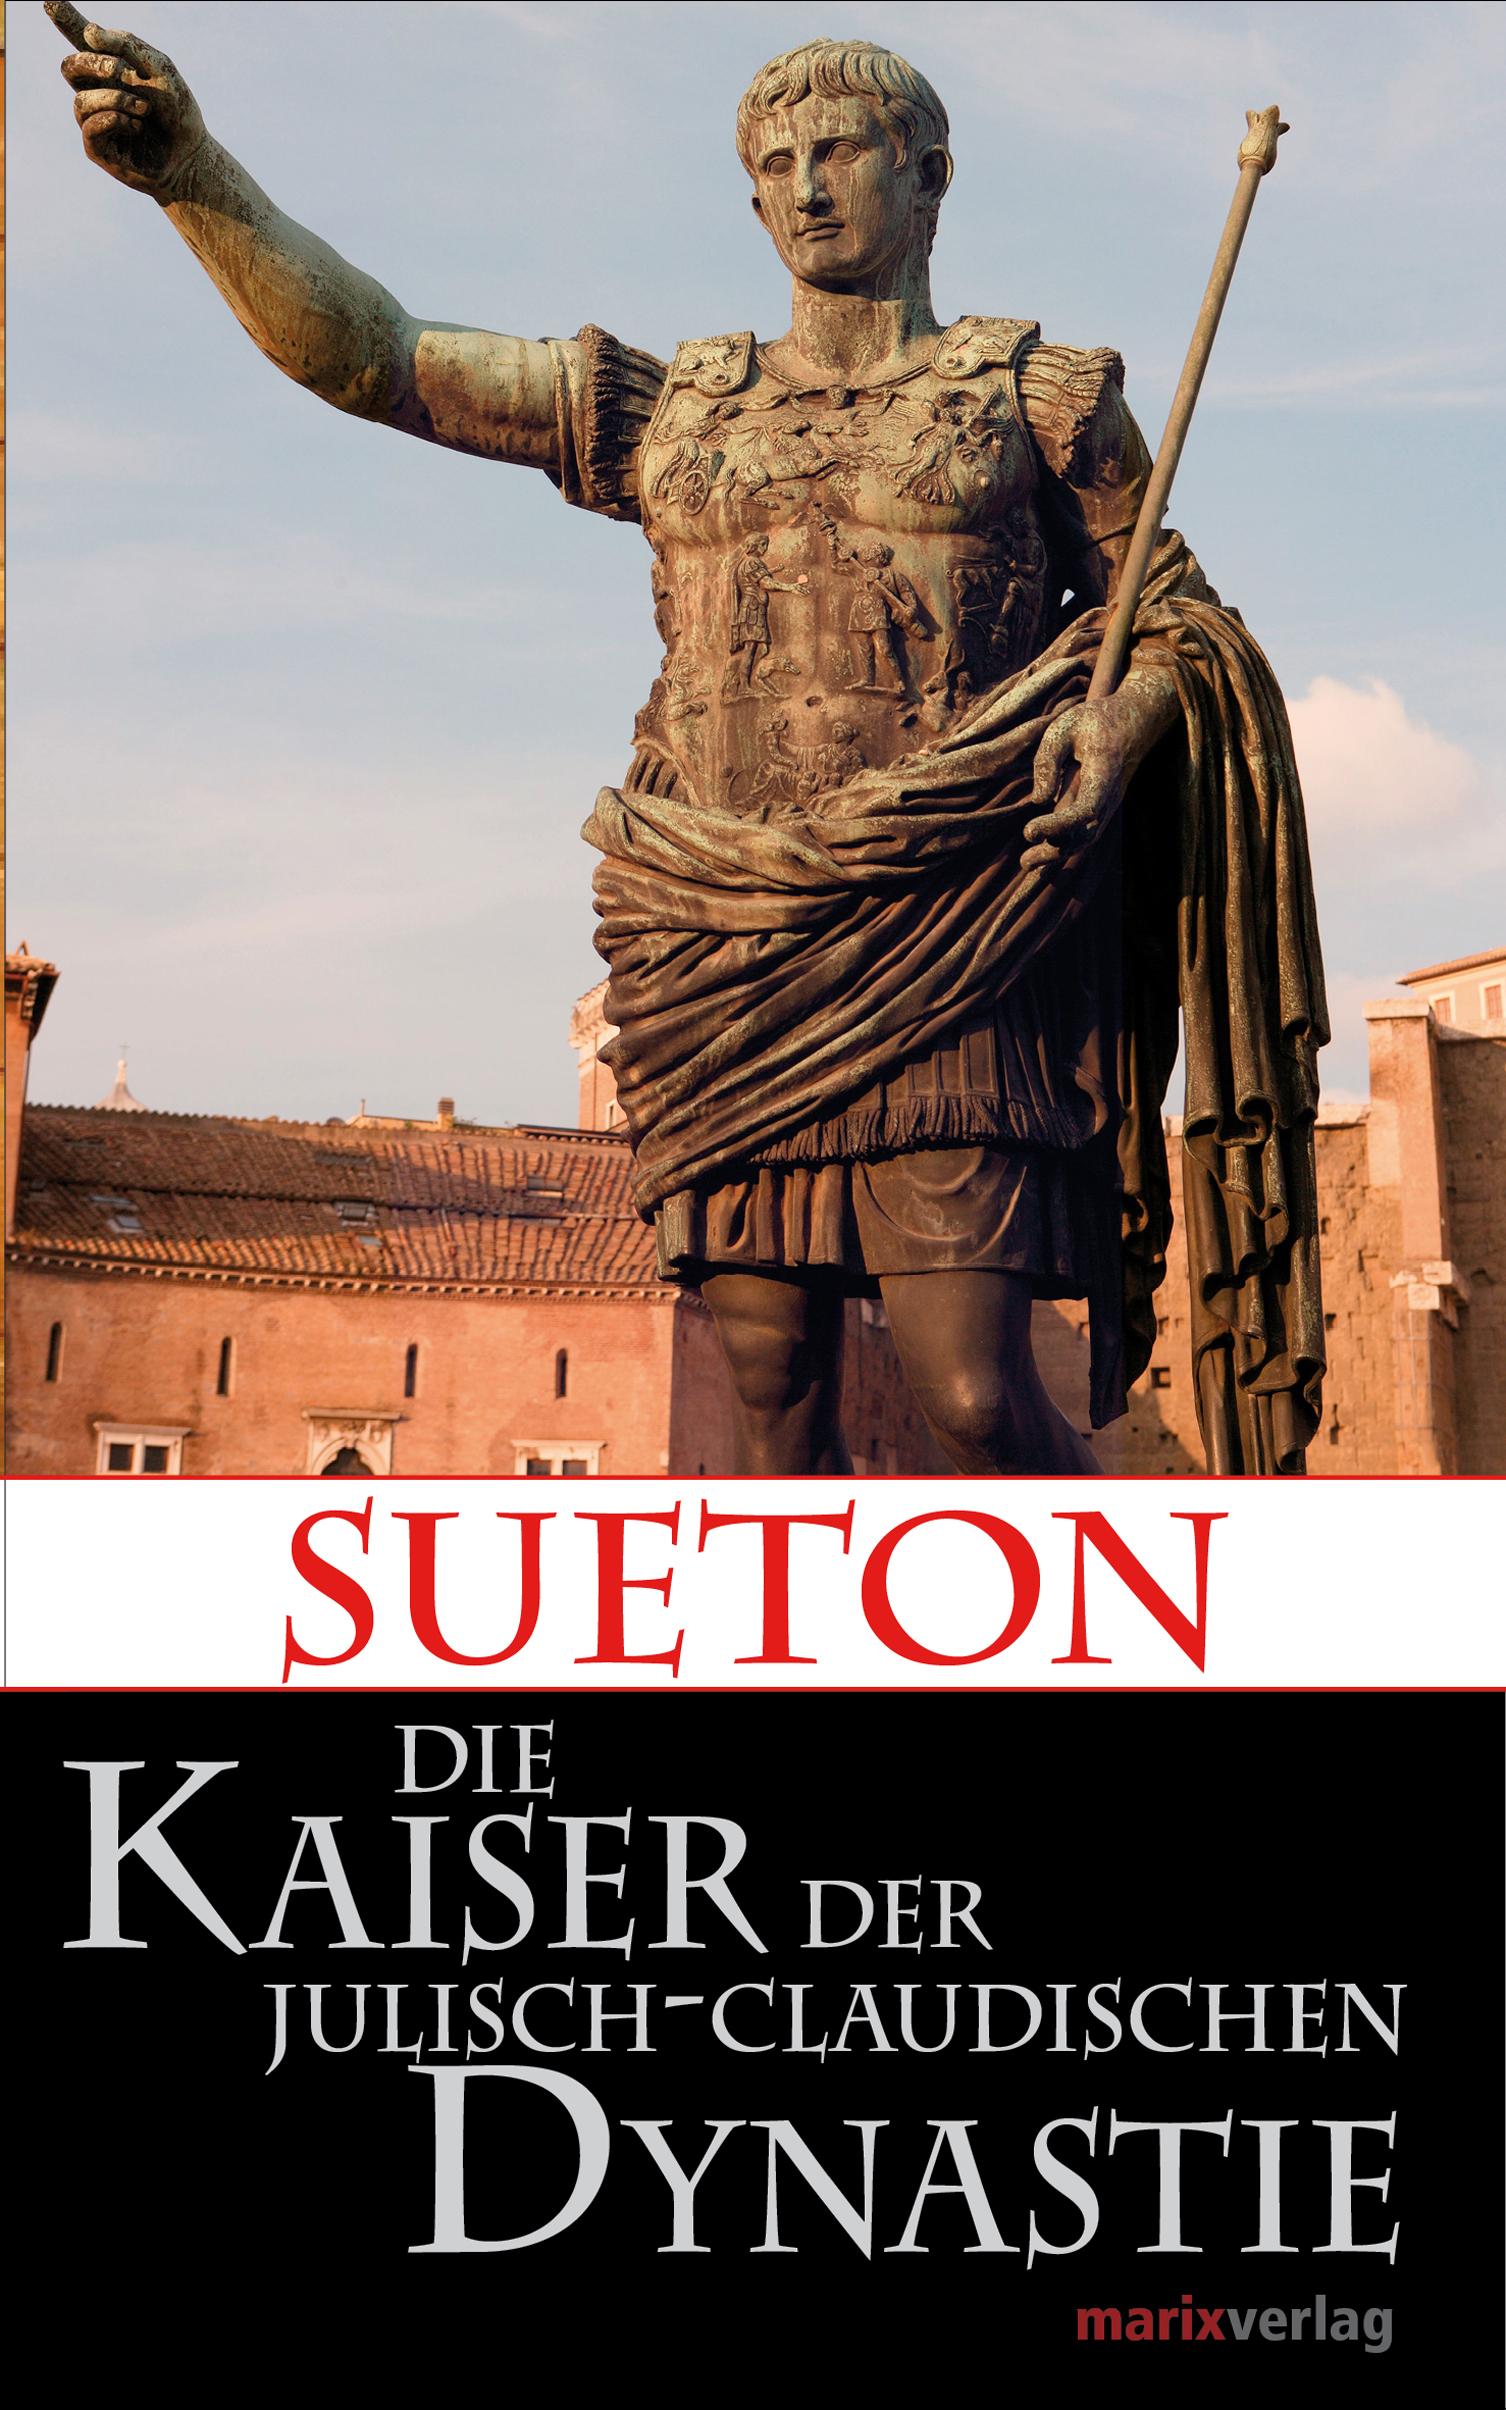 Sueton Die Kaiser der Julisch-Claudischen Dynastie